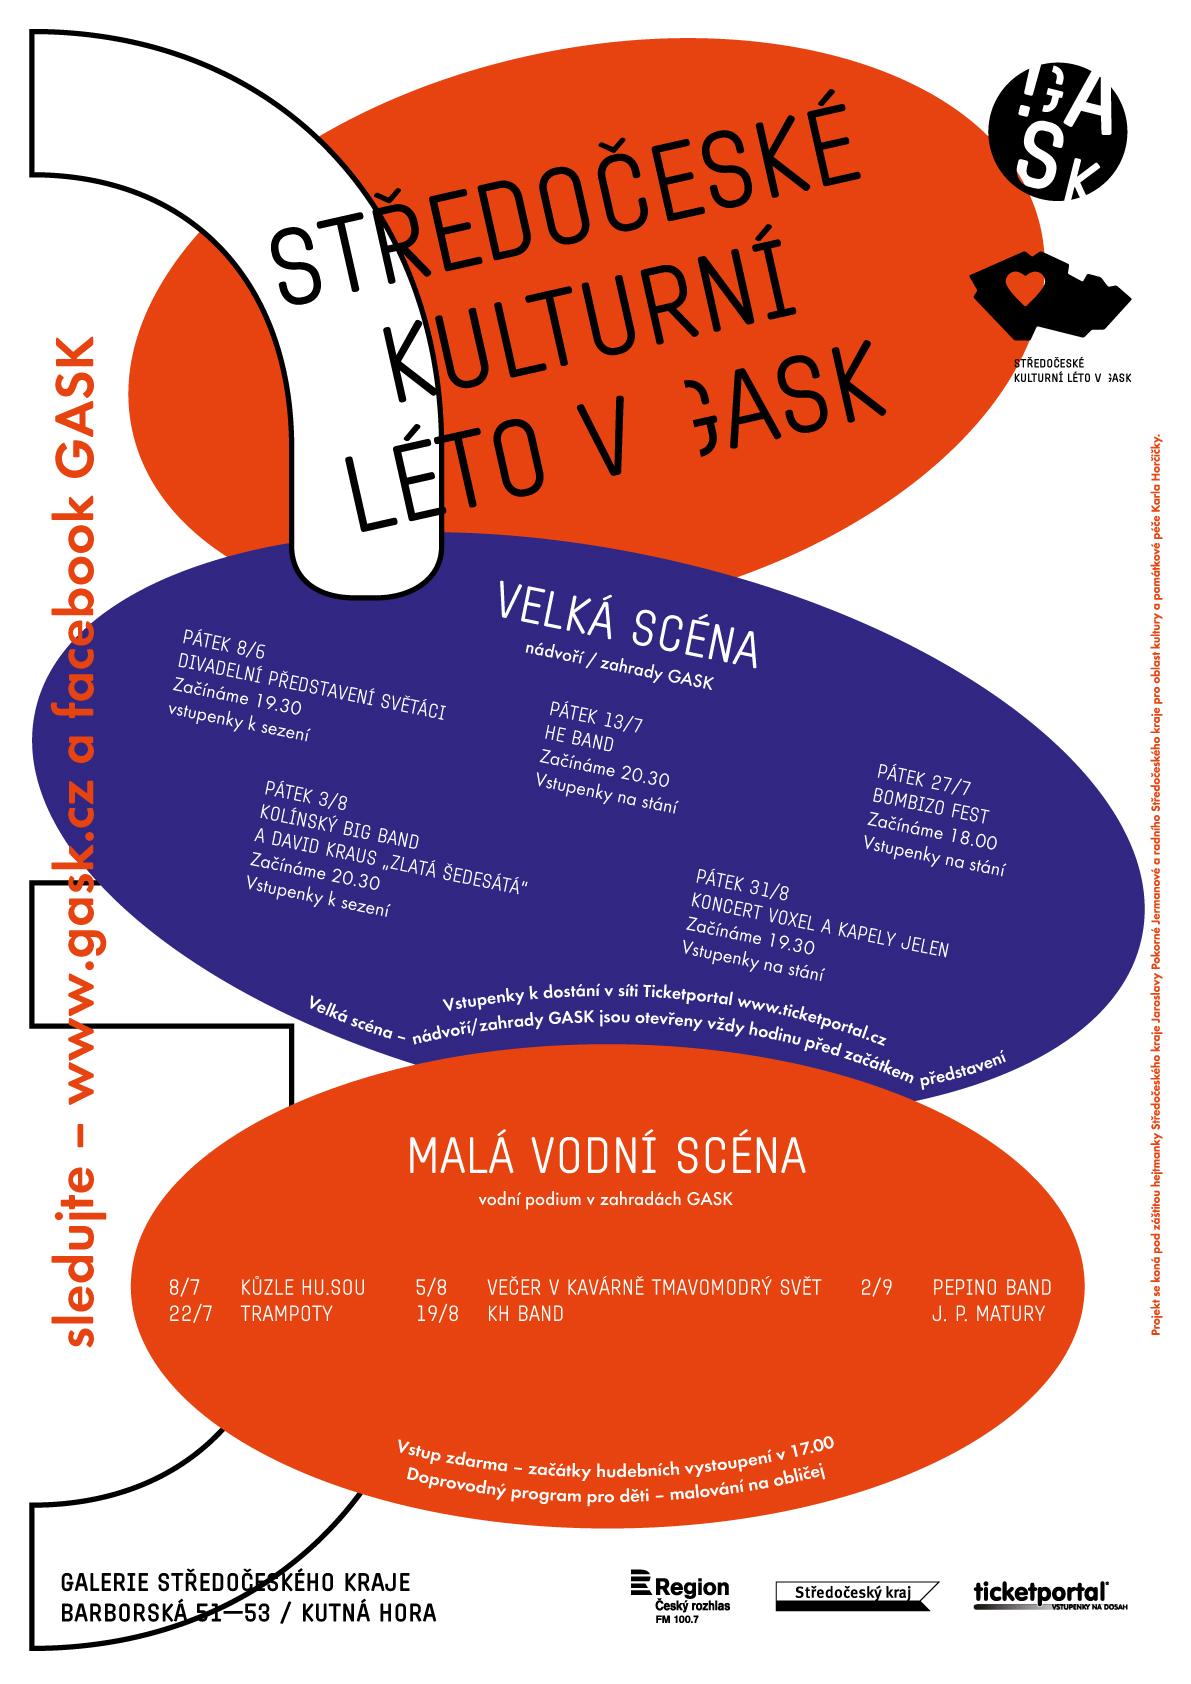 3964-gask-klg-a2-spolecny-plakat.jpg